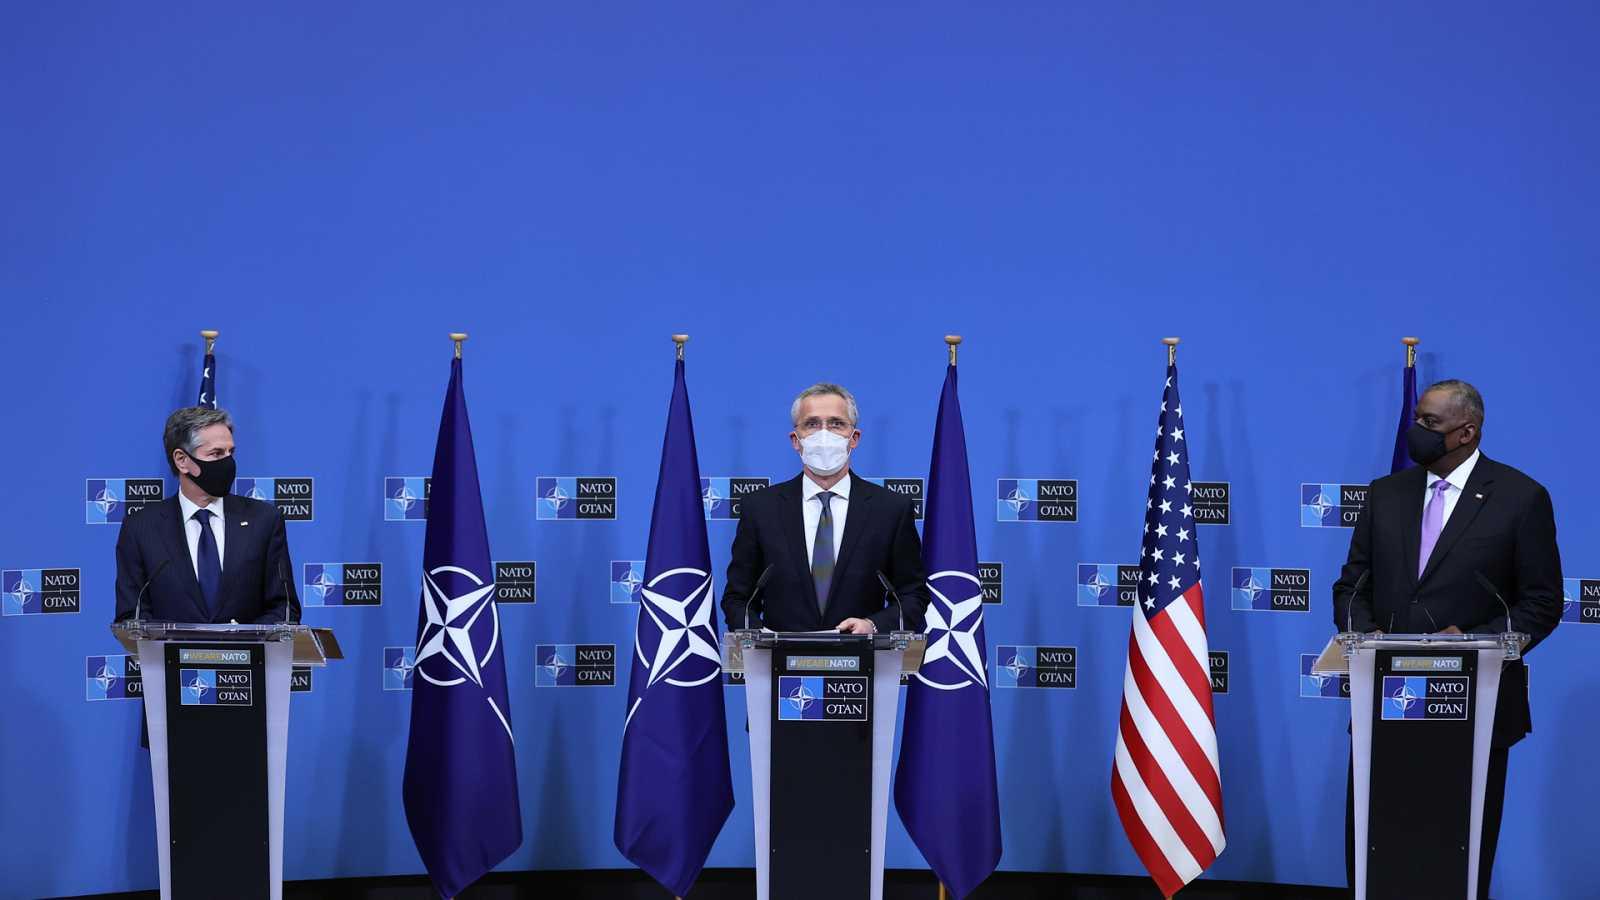 Asia hoy - EE. UU. coordina con la OTAN la retirada de tropas en Afganistán - 17/04/21 - escuchar ahora